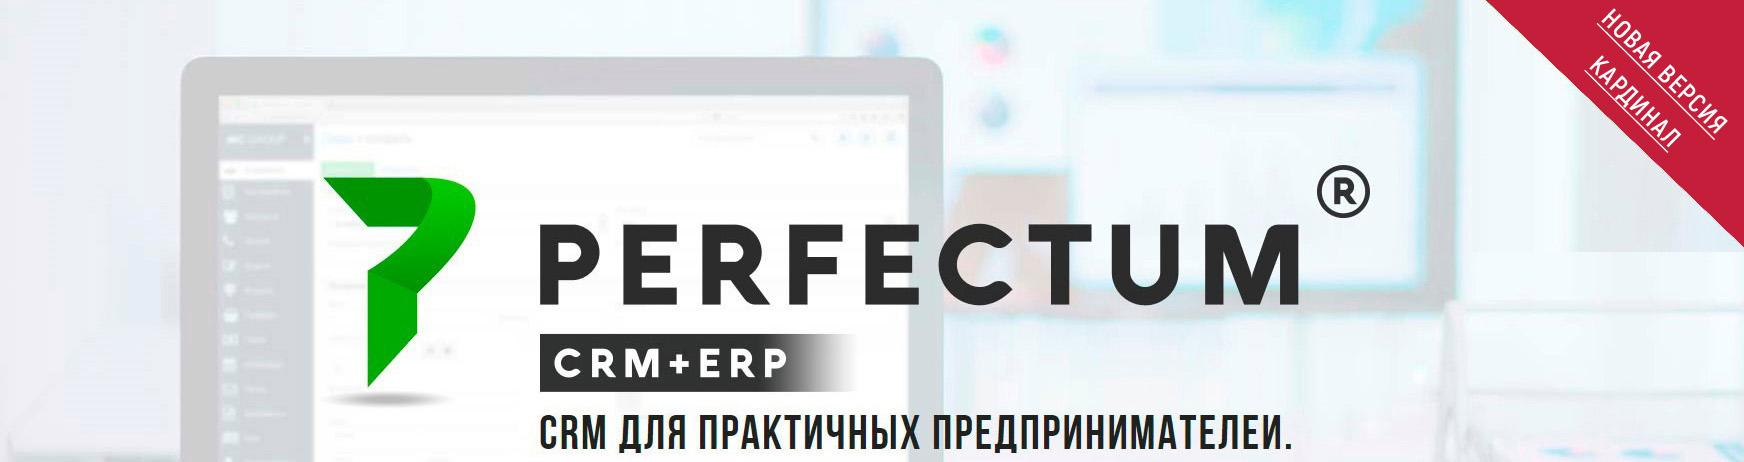 Новая версия Perfectum CRM+ERP 3.5.1